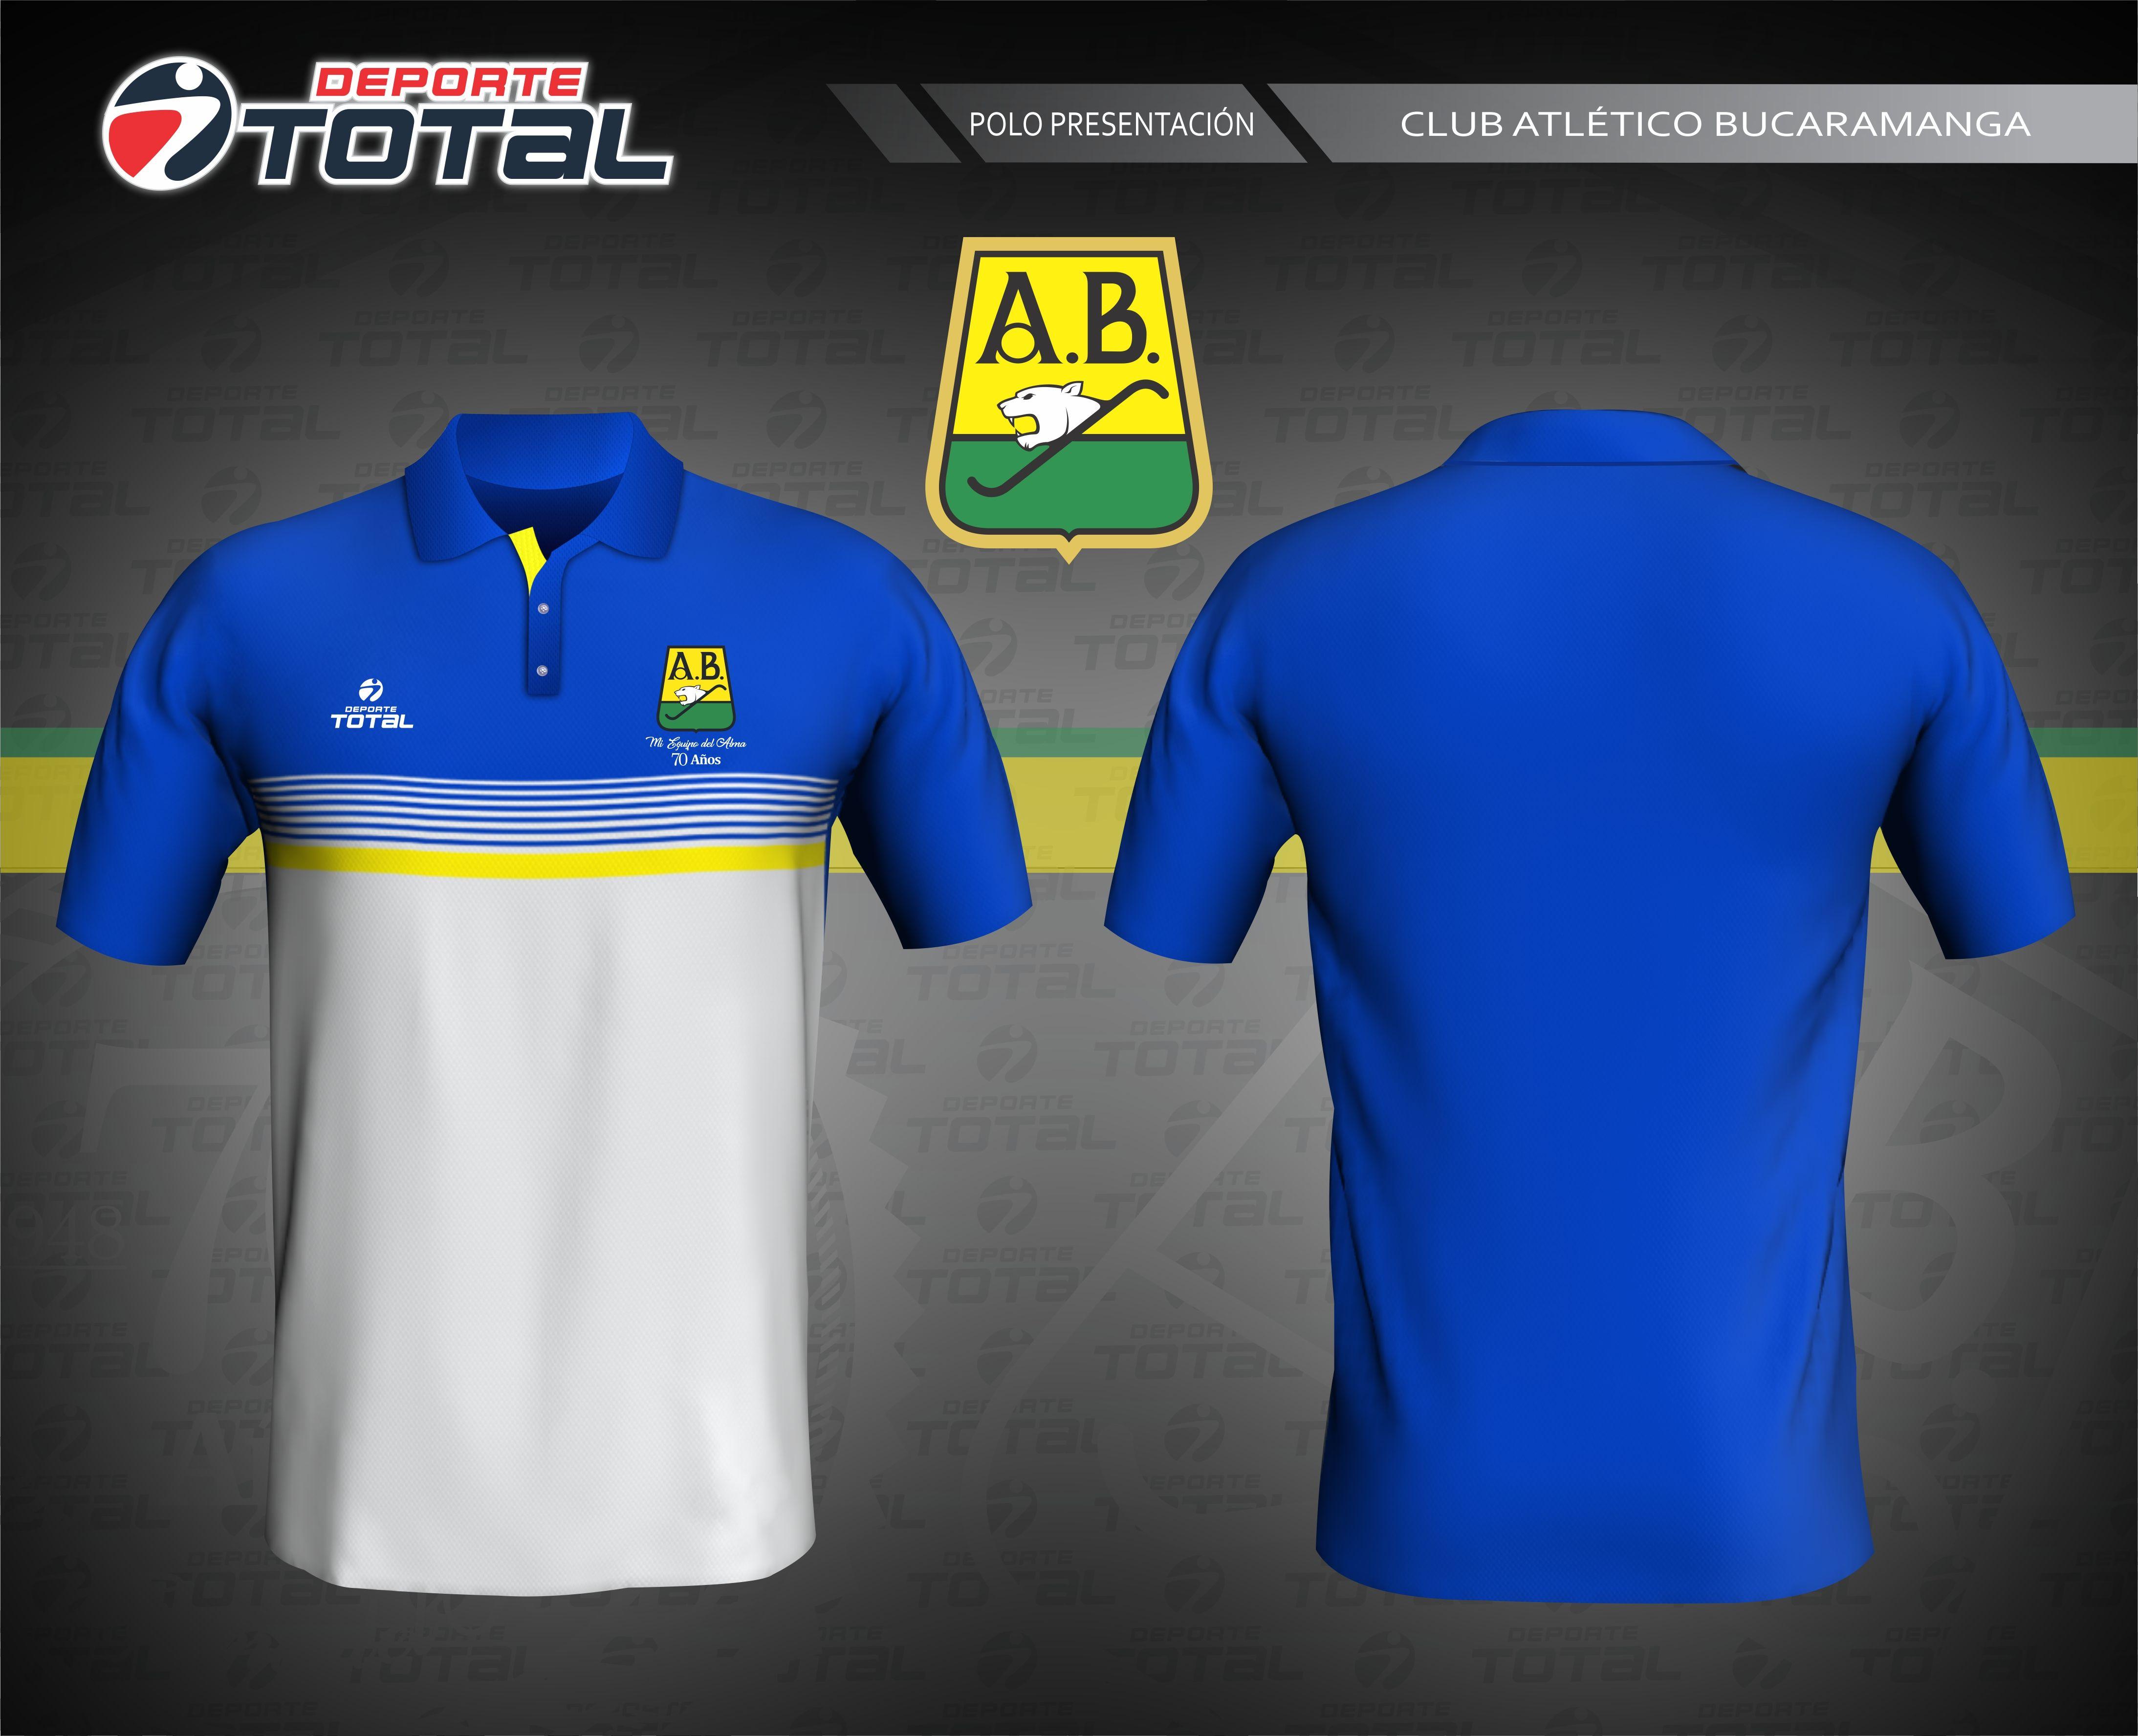 Polo De Presentación - deporte total-atletico bucaramanga- 2018-camiseta- uniforme-futbol-juego-soccer-diseño-santander-colombia-futbol colombiano-70  años-14 16528a02dc5f2